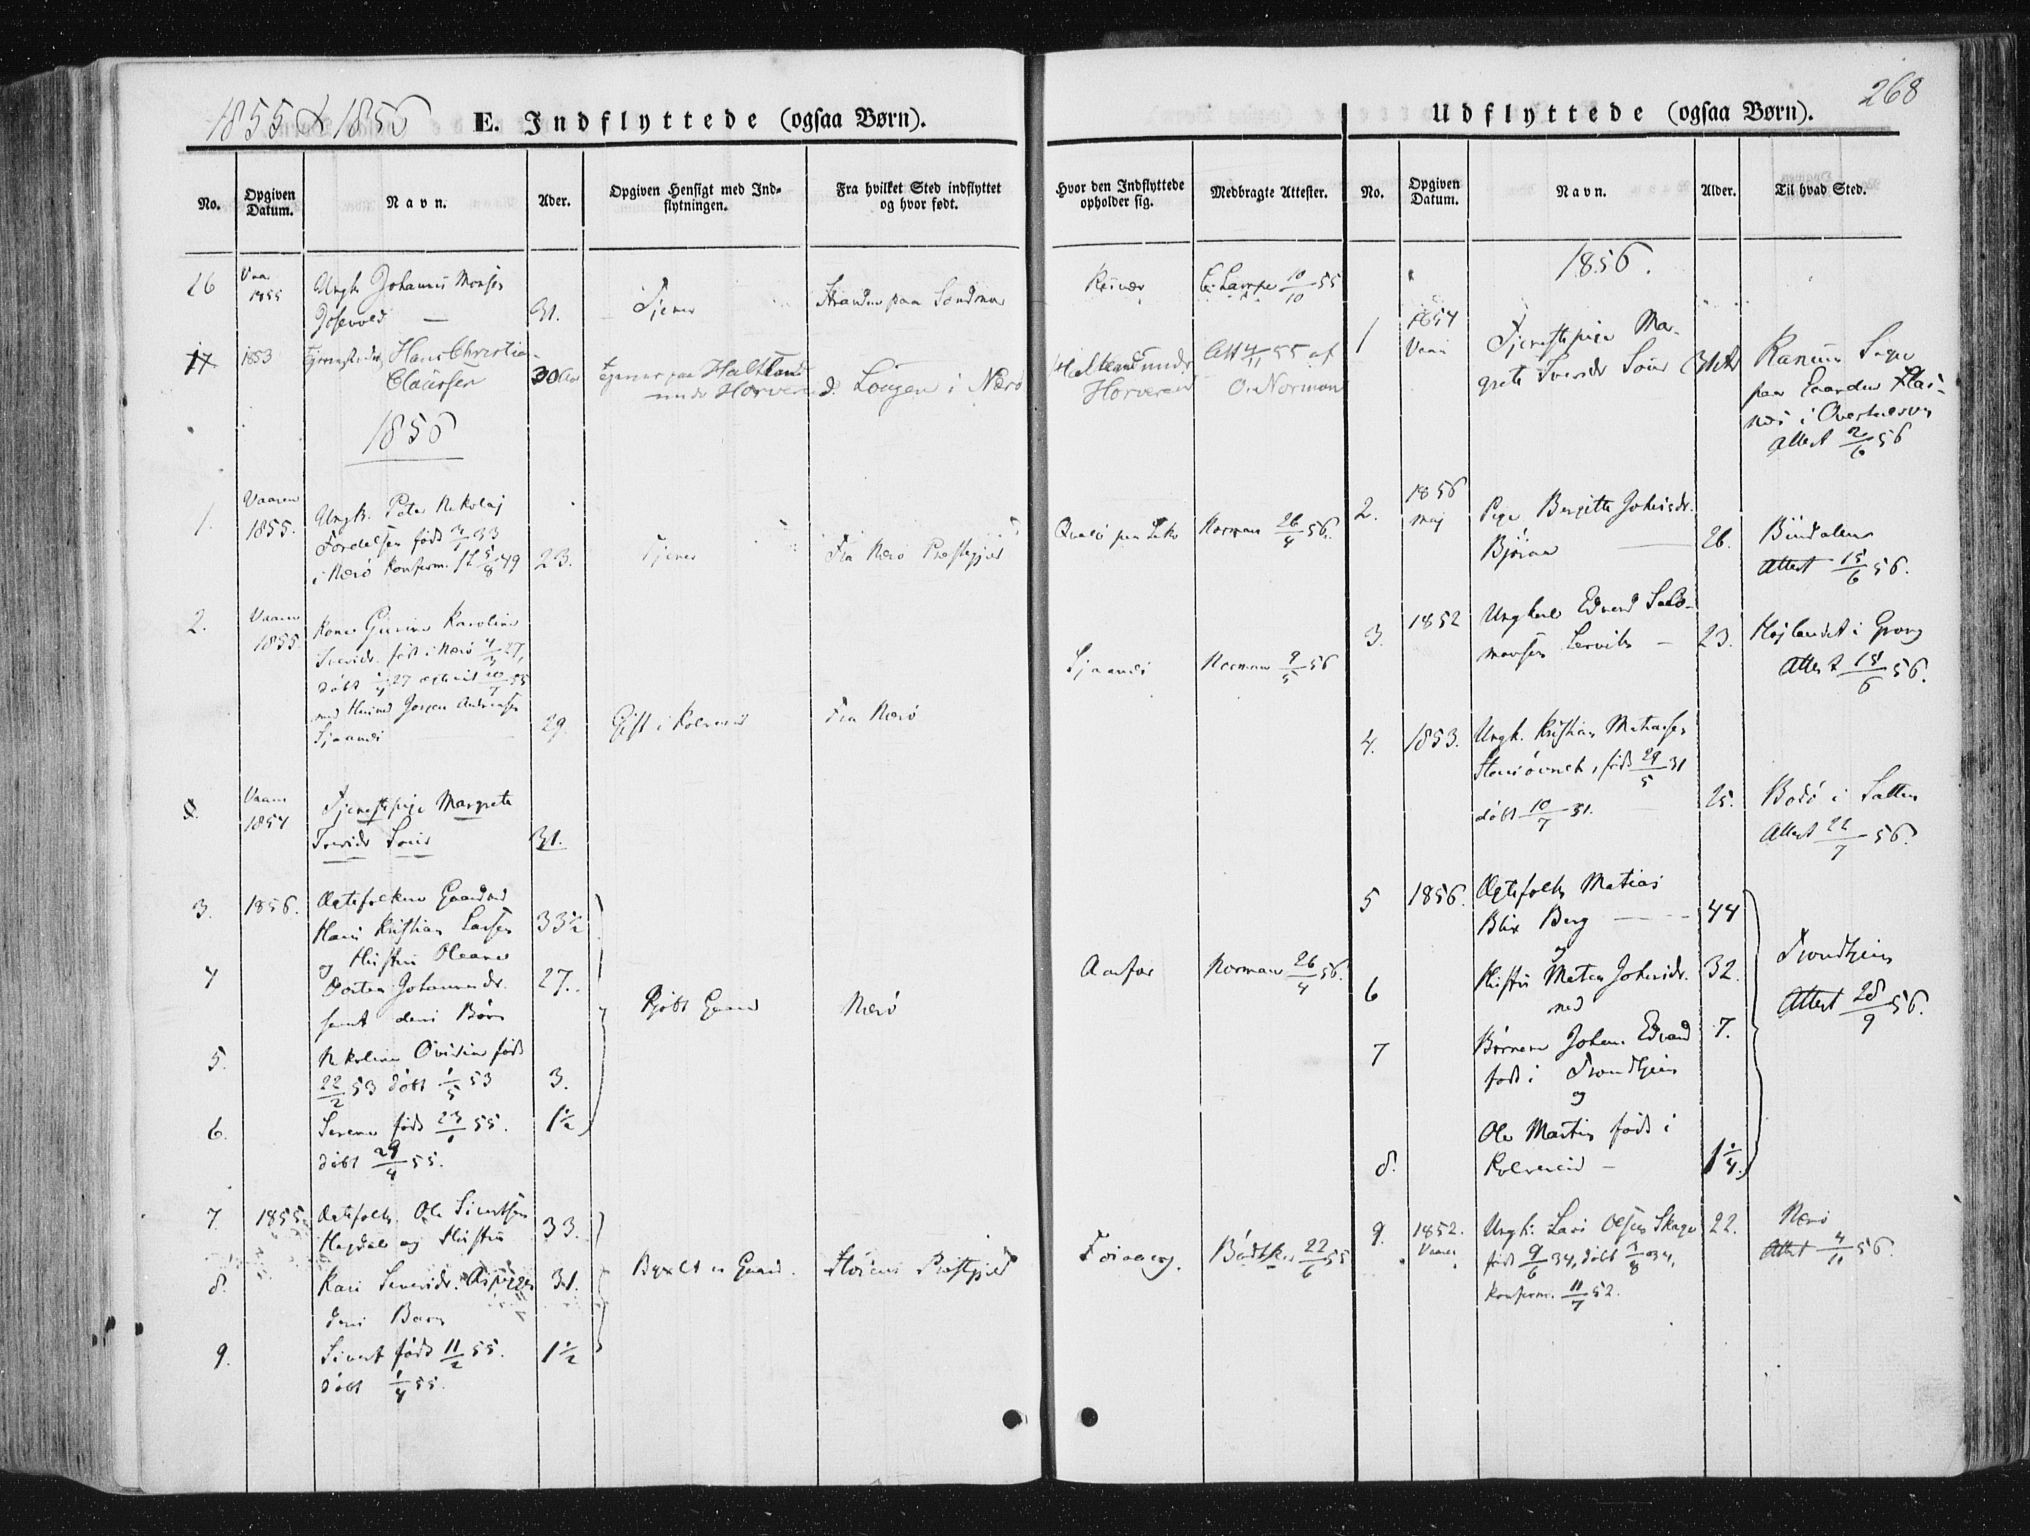 SAT, Ministerialprotokoller, klokkerbøker og fødselsregistre - Nord-Trøndelag, 780/L0640: Ministerialbok nr. 780A05, 1845-1856, s. 268